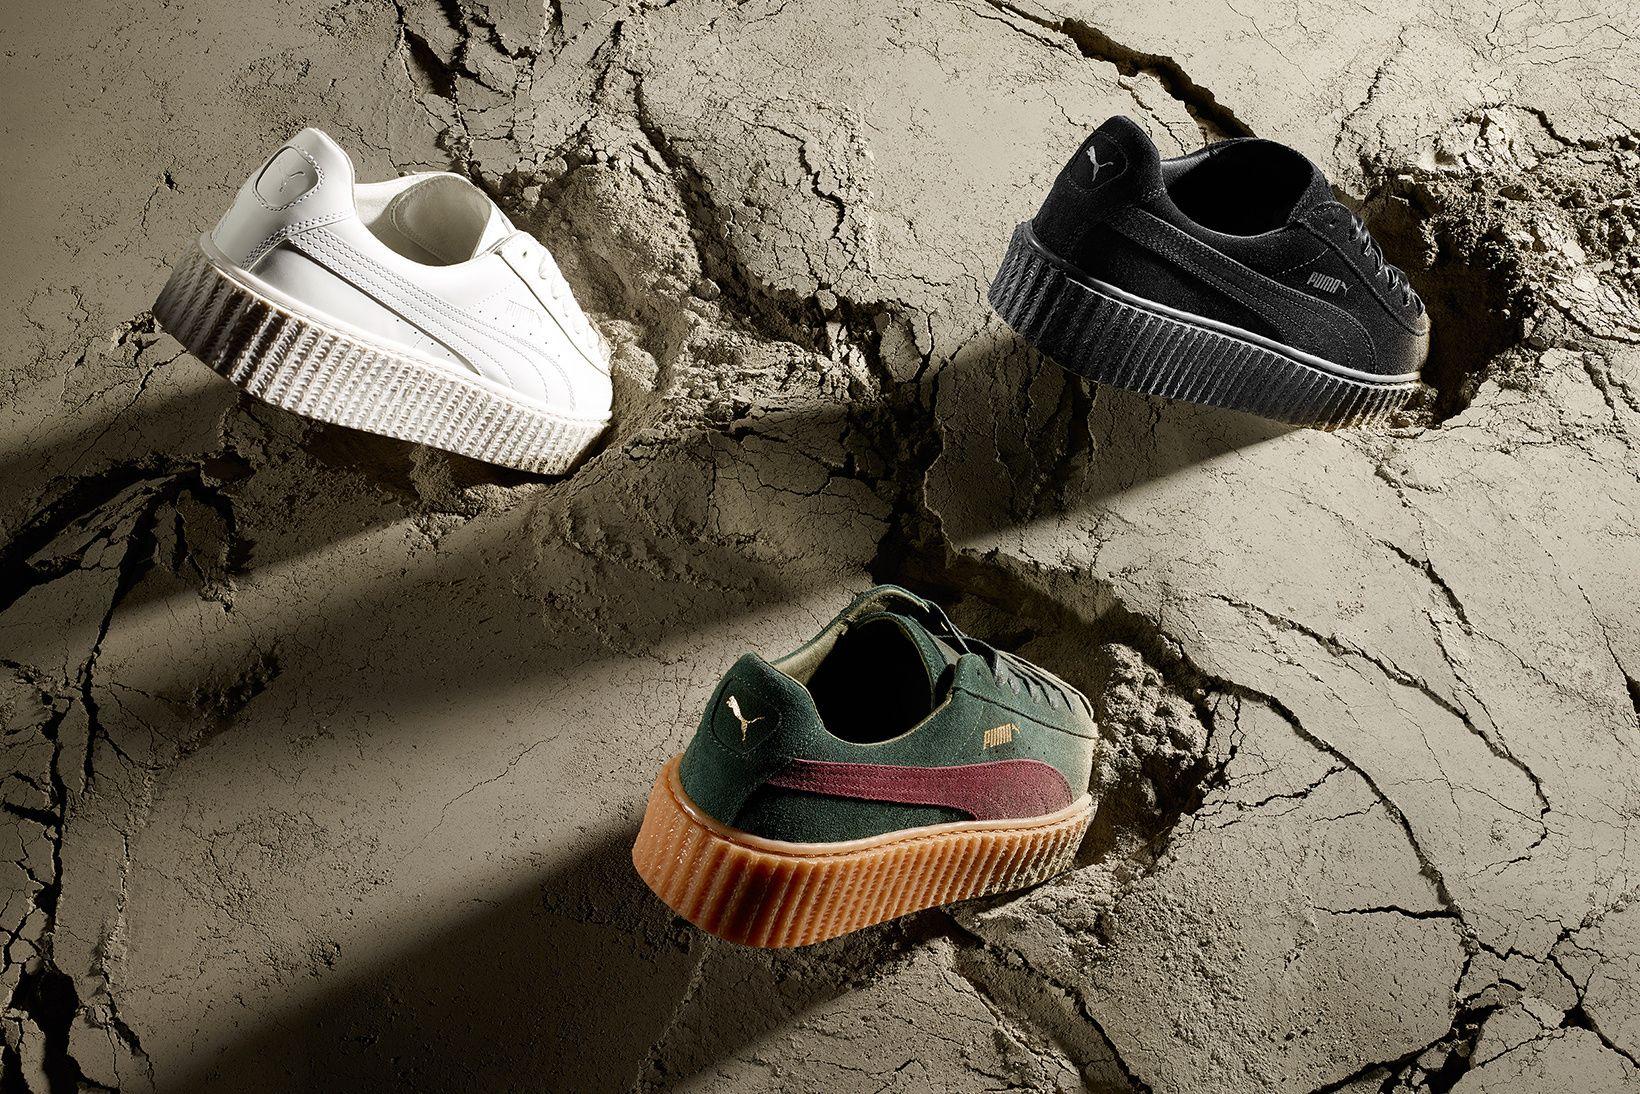 puma creepers par rihanna puma and puma clothing shoes and etc puma suede sneakers et. Black Bedroom Furniture Sets. Home Design Ideas